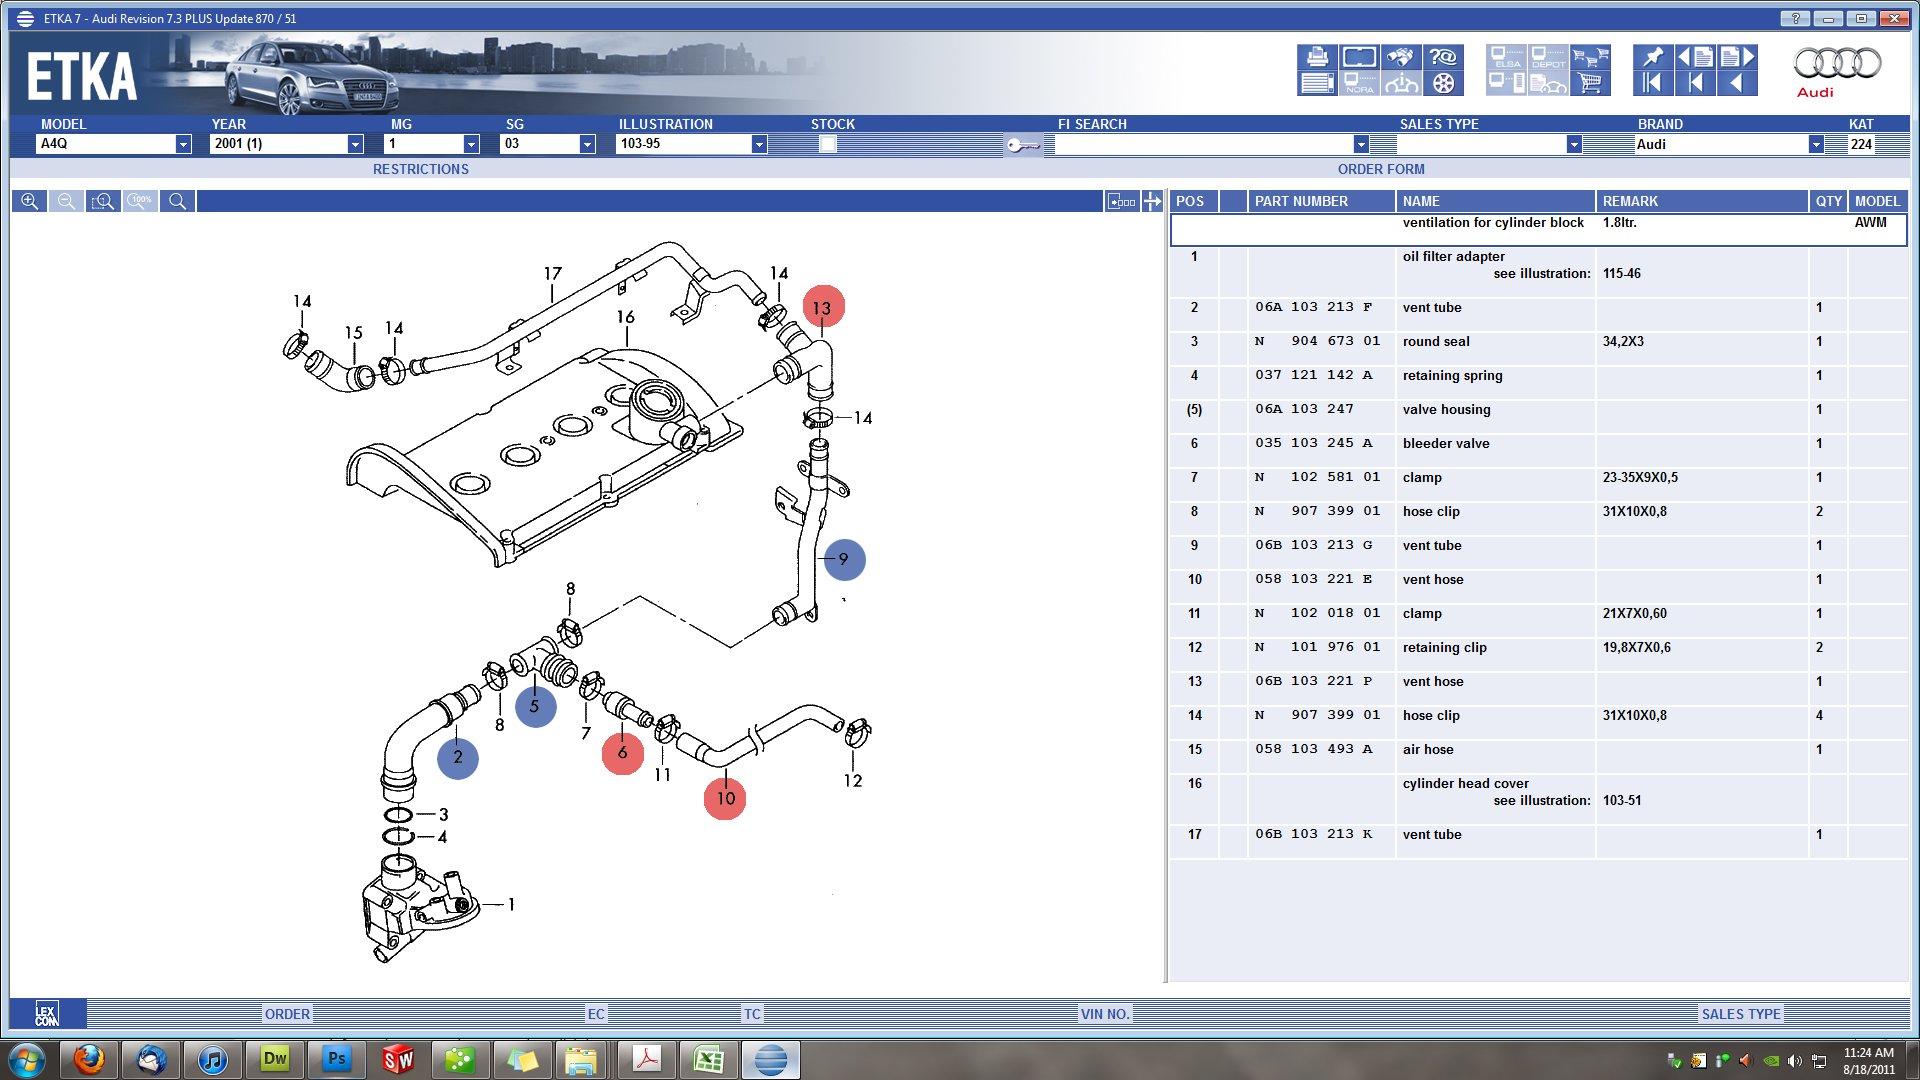 2002 vw passat 1 8t pcv diagram image details vw passat 1.8t engine diagram  2002